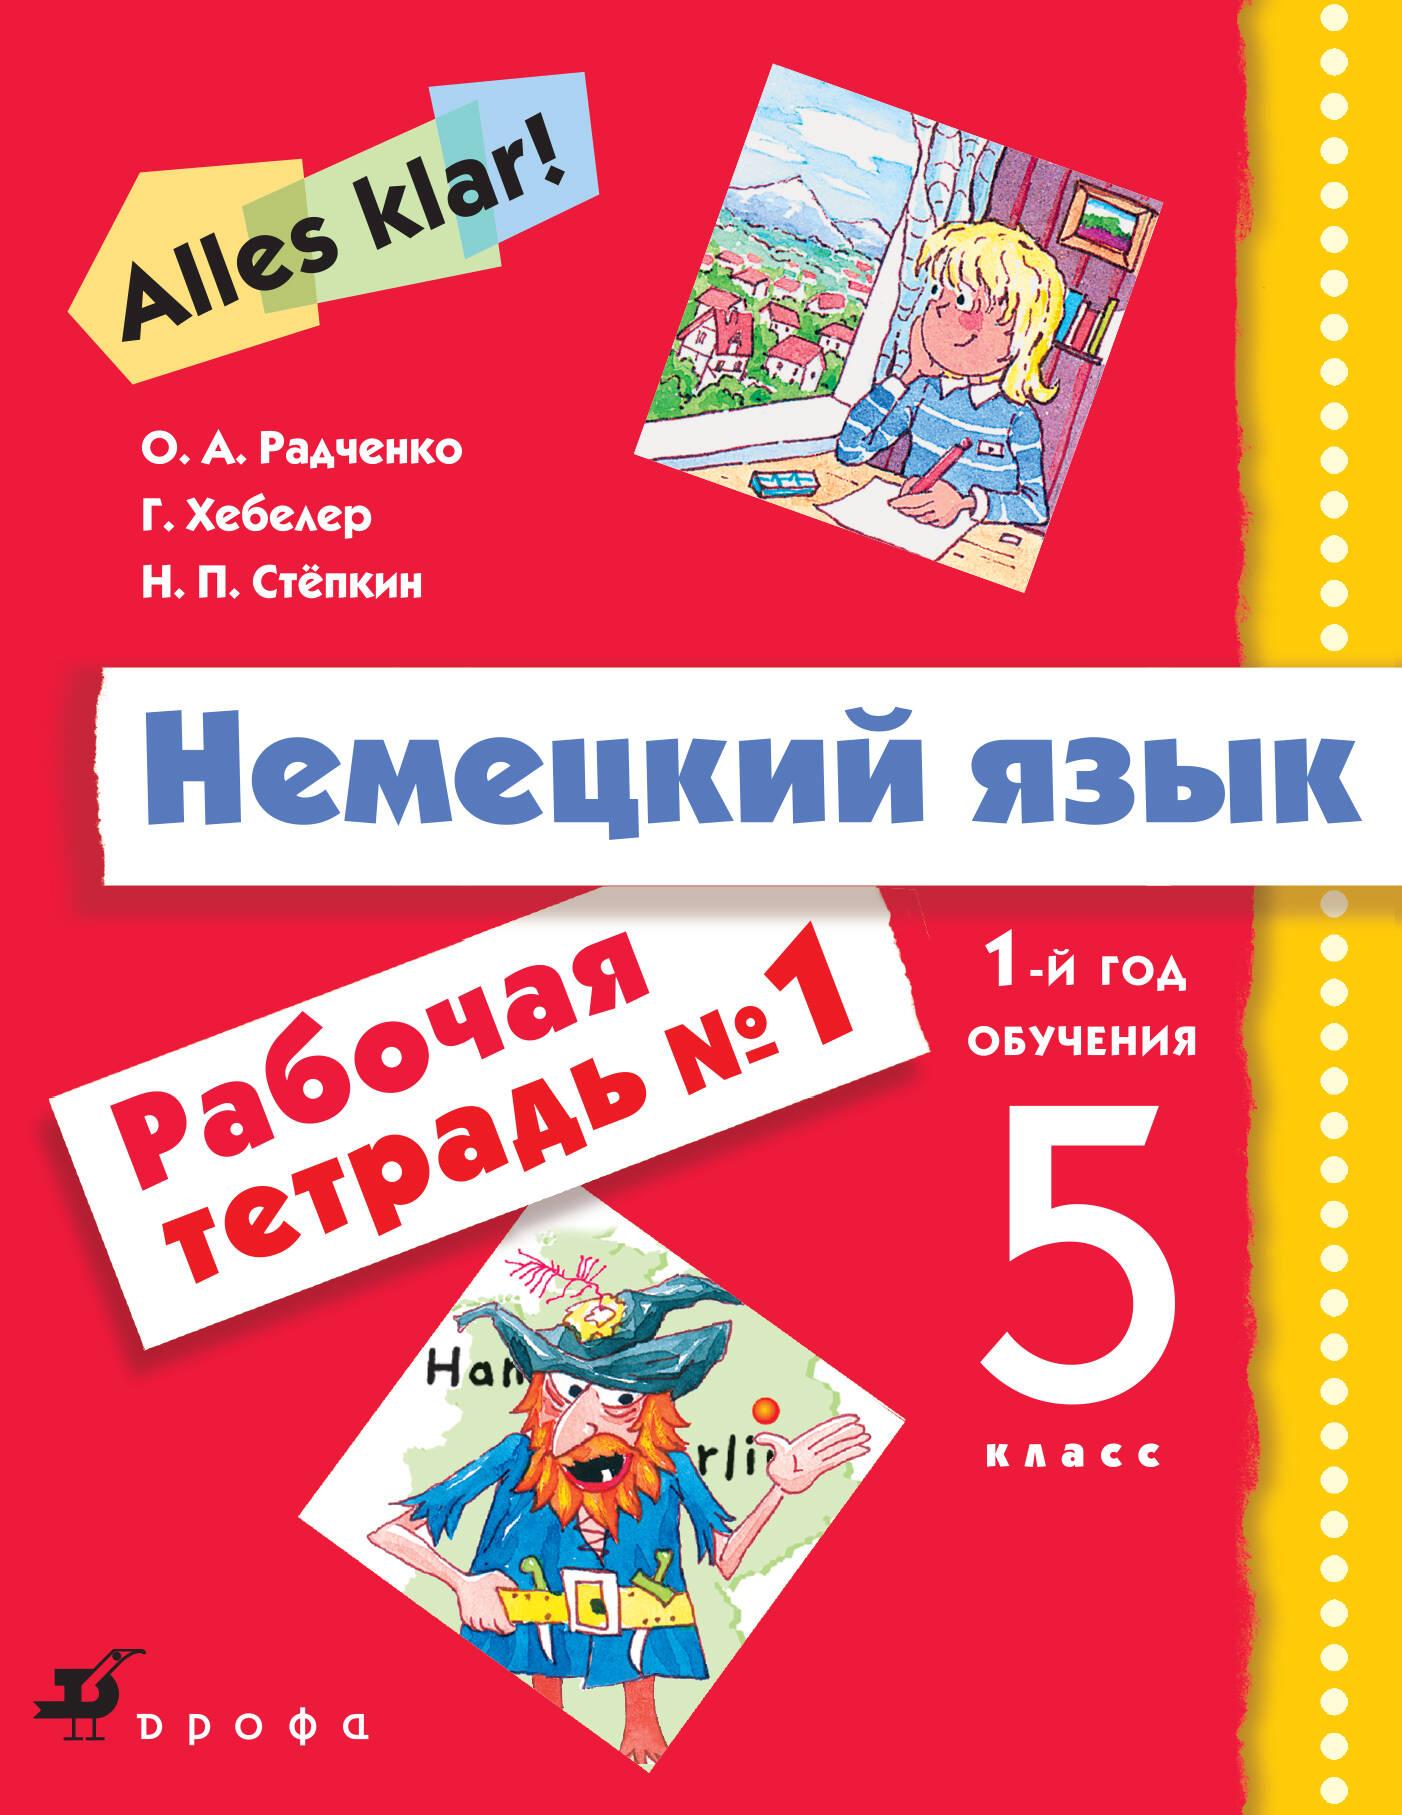 Решебник немецкий язык 6 класс хебелер 5 фотография